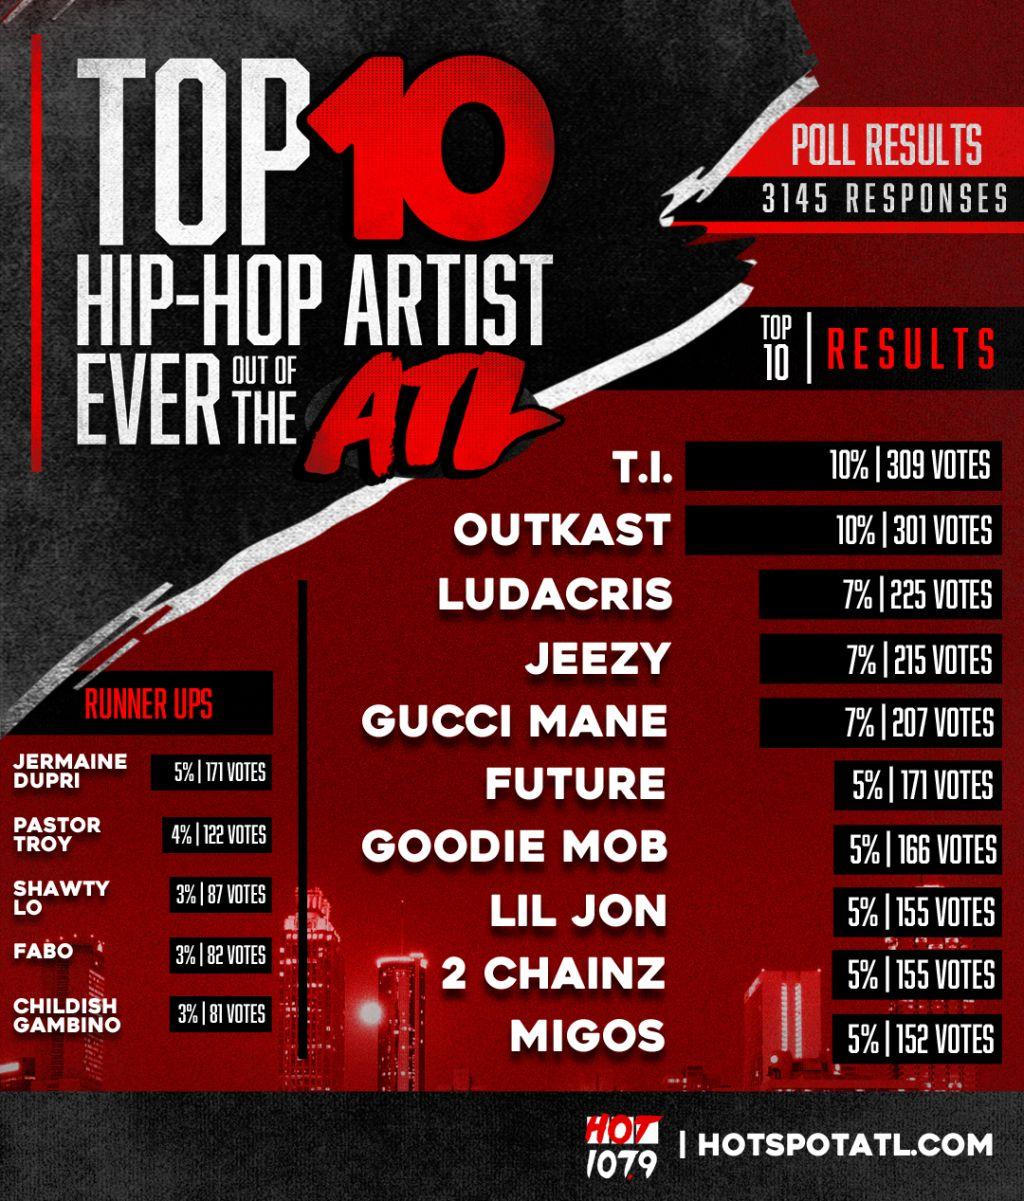 Top 10 Hip Hop Artists ATL